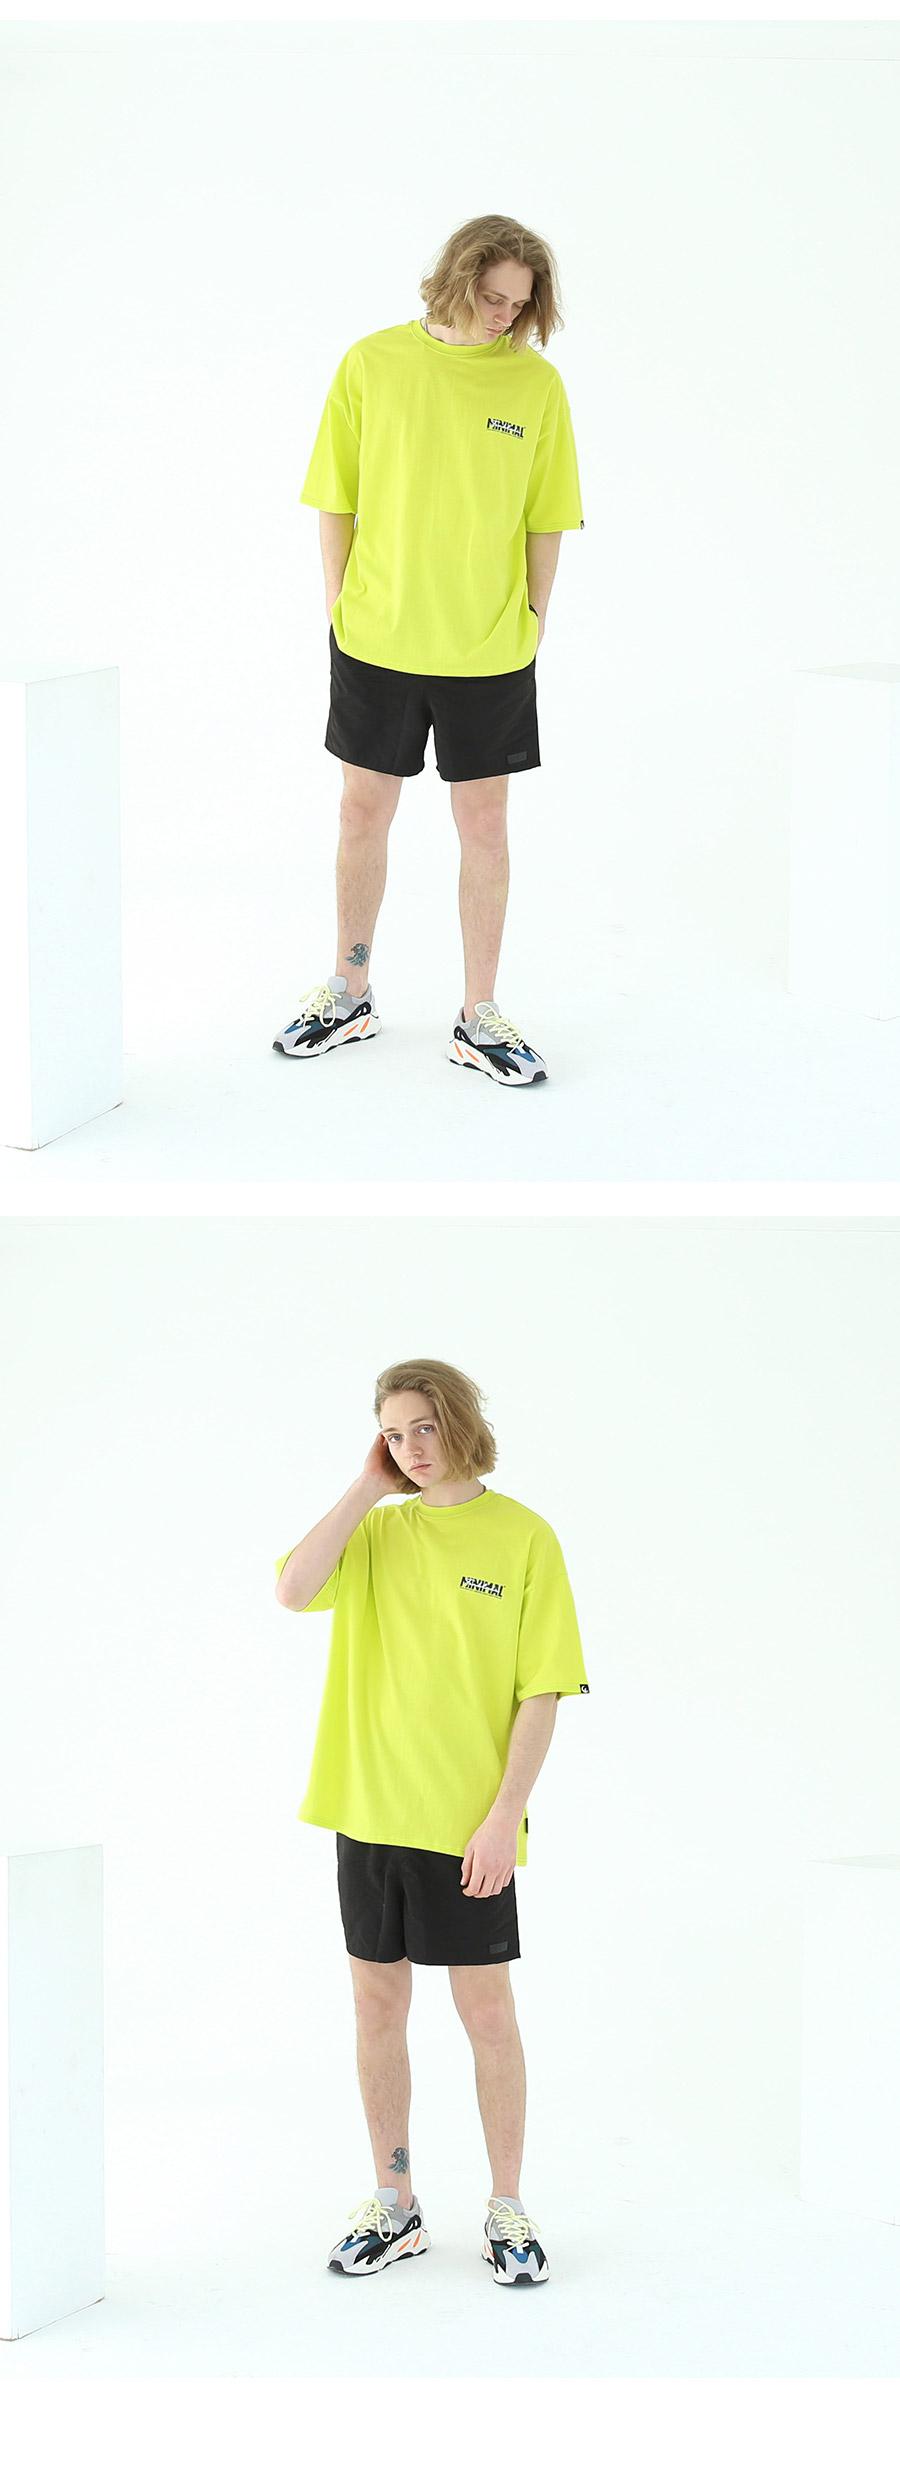 텐블레이드 오버핏 미니멀 반팔티-네온